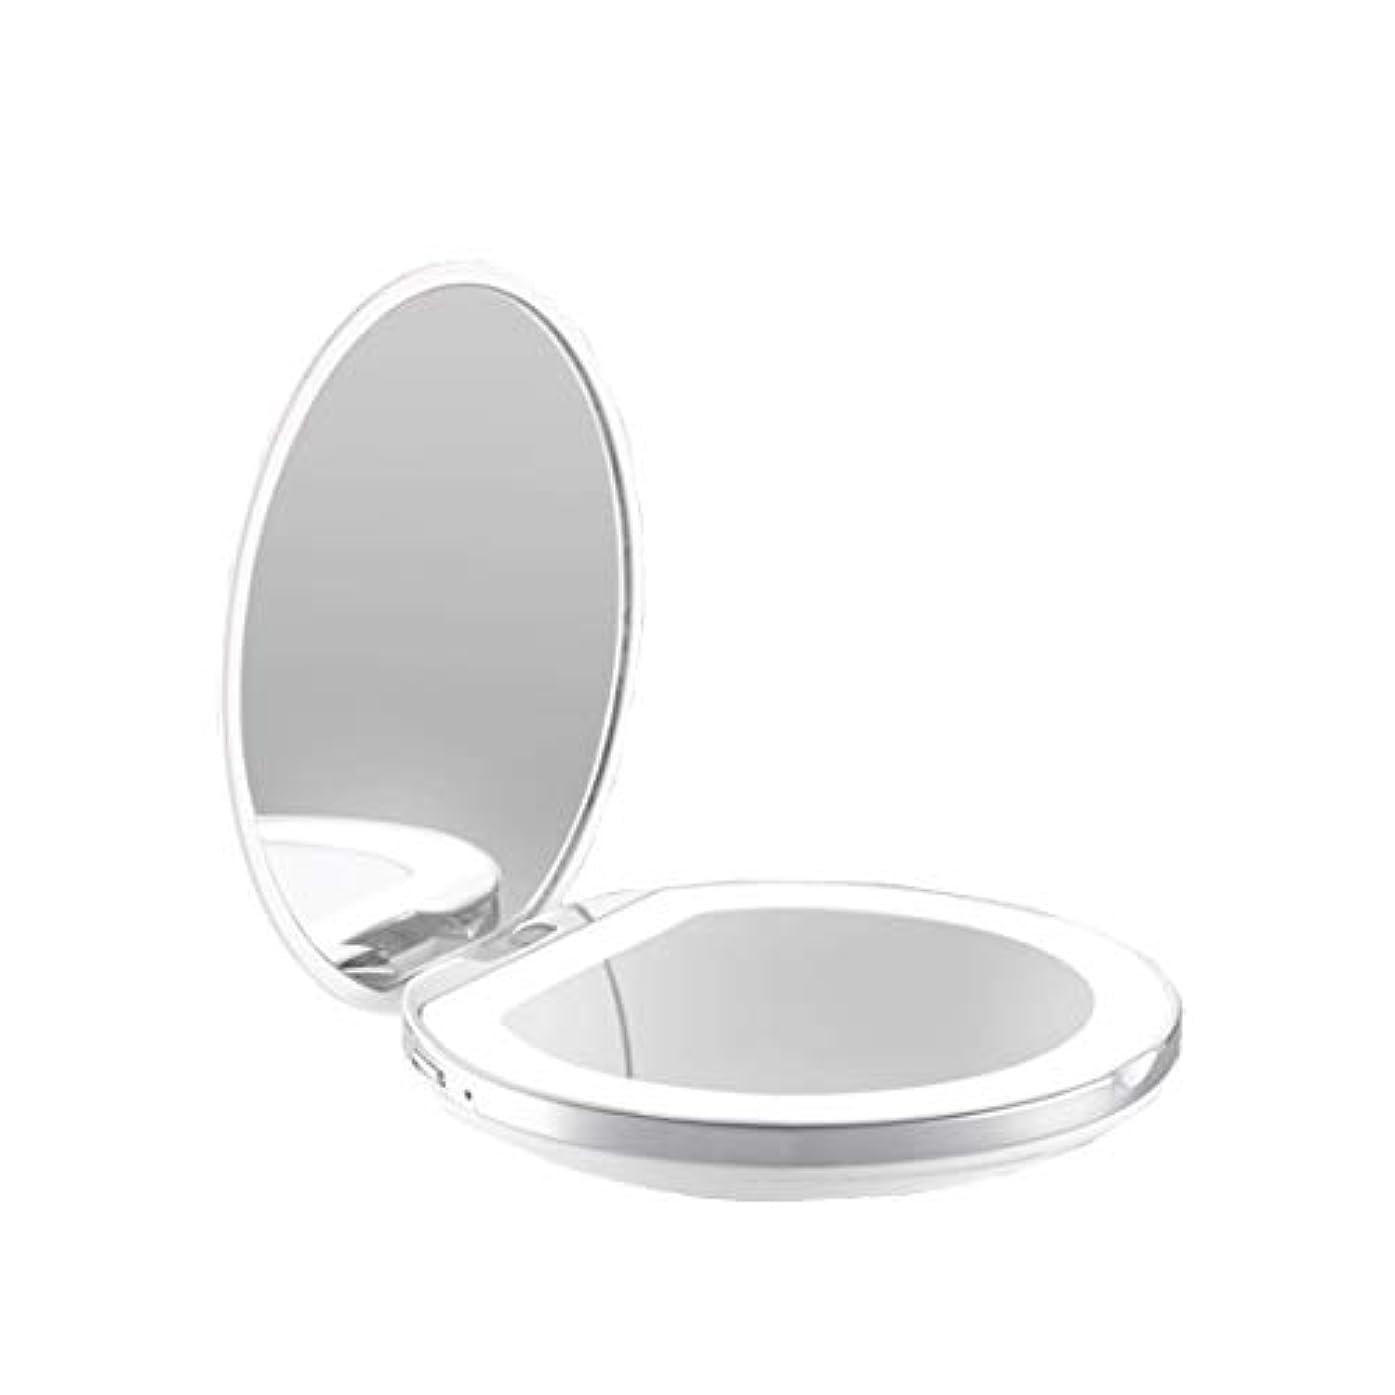 目的移住する空洞手鏡 両面鏡 ライト付きミラー 女優ミラー 3倍拡大鏡付き お姫様 ミラー おしゃれ 卓上 LEDライト 化粧鏡 コンパクト 折り畳み式 スタンドミラー 角度調整